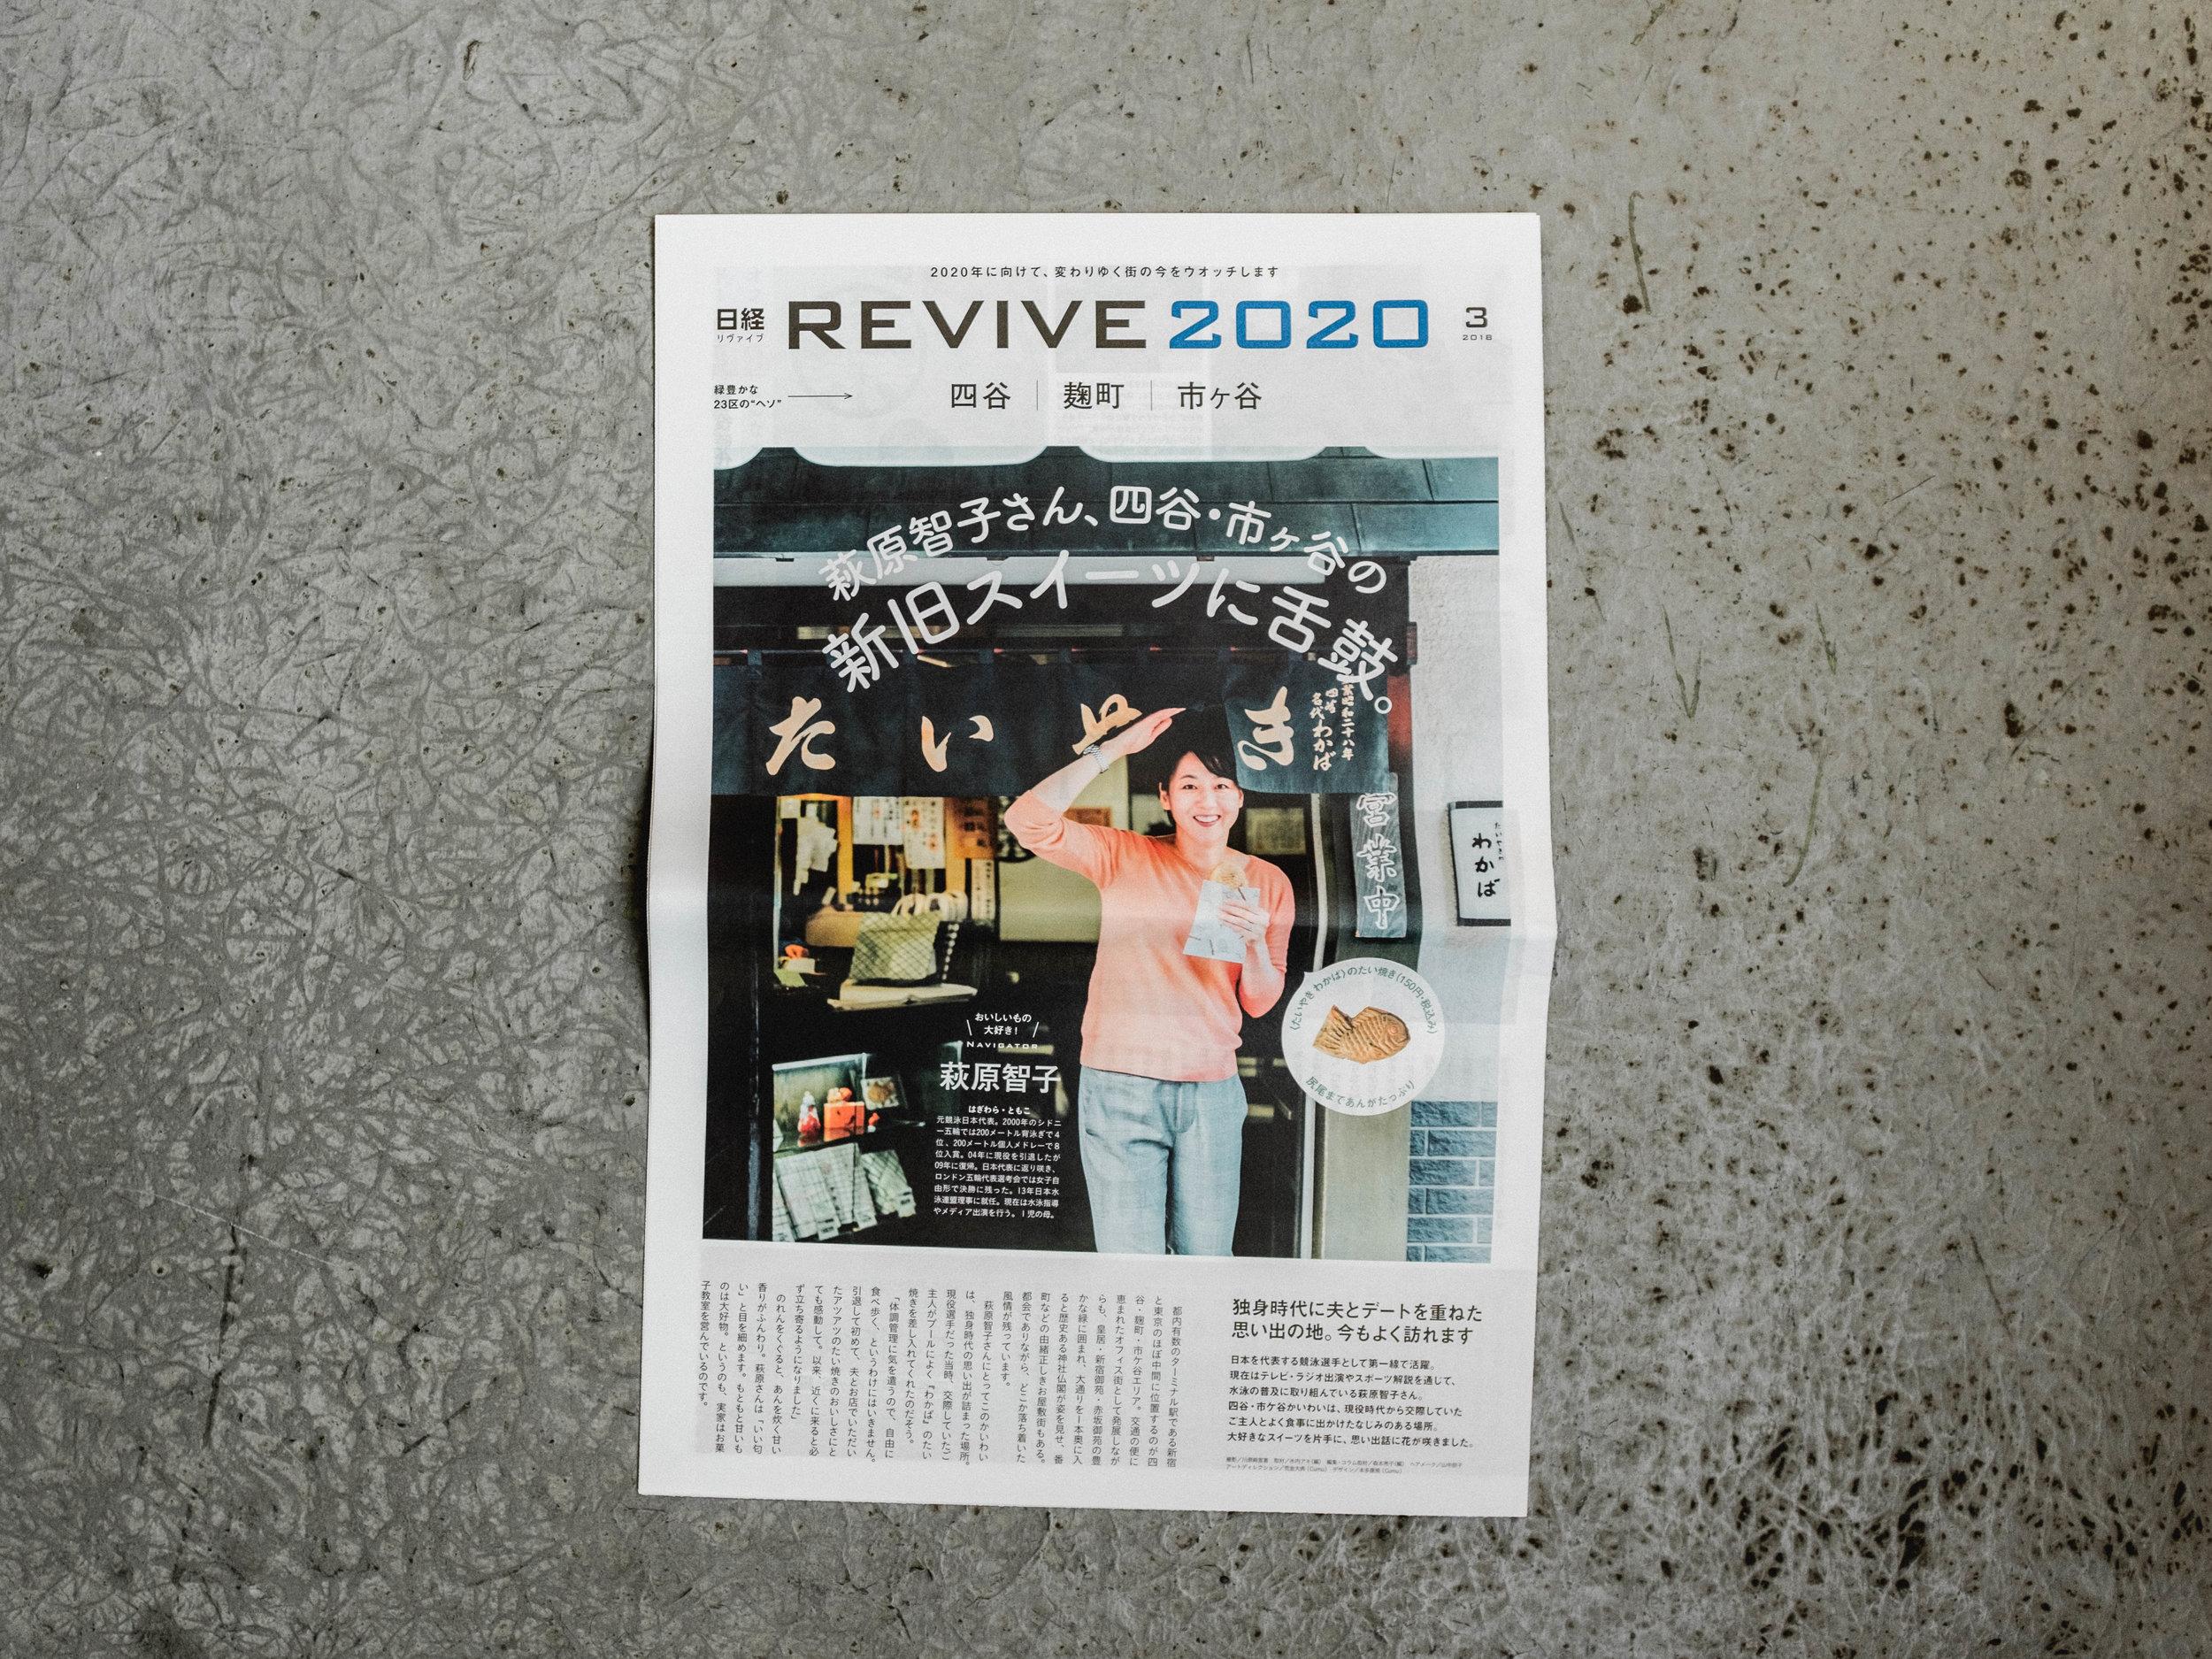 日経REVIVE2020,3月号表紙、中ページにと撮影させていただきました。モデルは元競泳日本代表の萩原智子さんです。